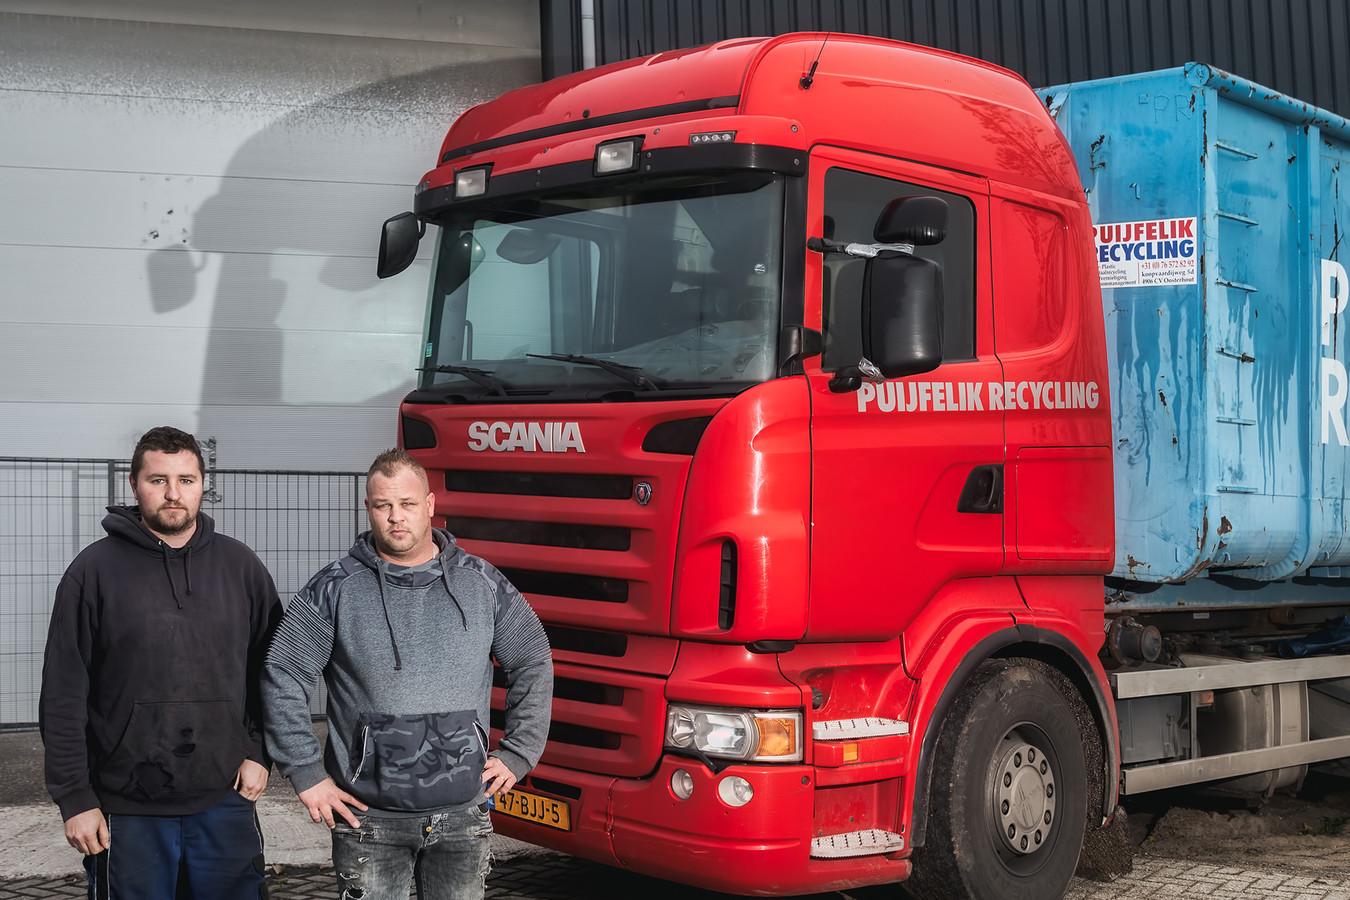 Jaimy en Andries van Puijfelik, van het gelijknamige bedrijf recyclingbedrijf, voor hun terrein aan de Koopvaardijweg in Oosterhout, wat een jaar gesloten is in verband met een drugsvondst. Foto Pix4Profs / Johan Wouters